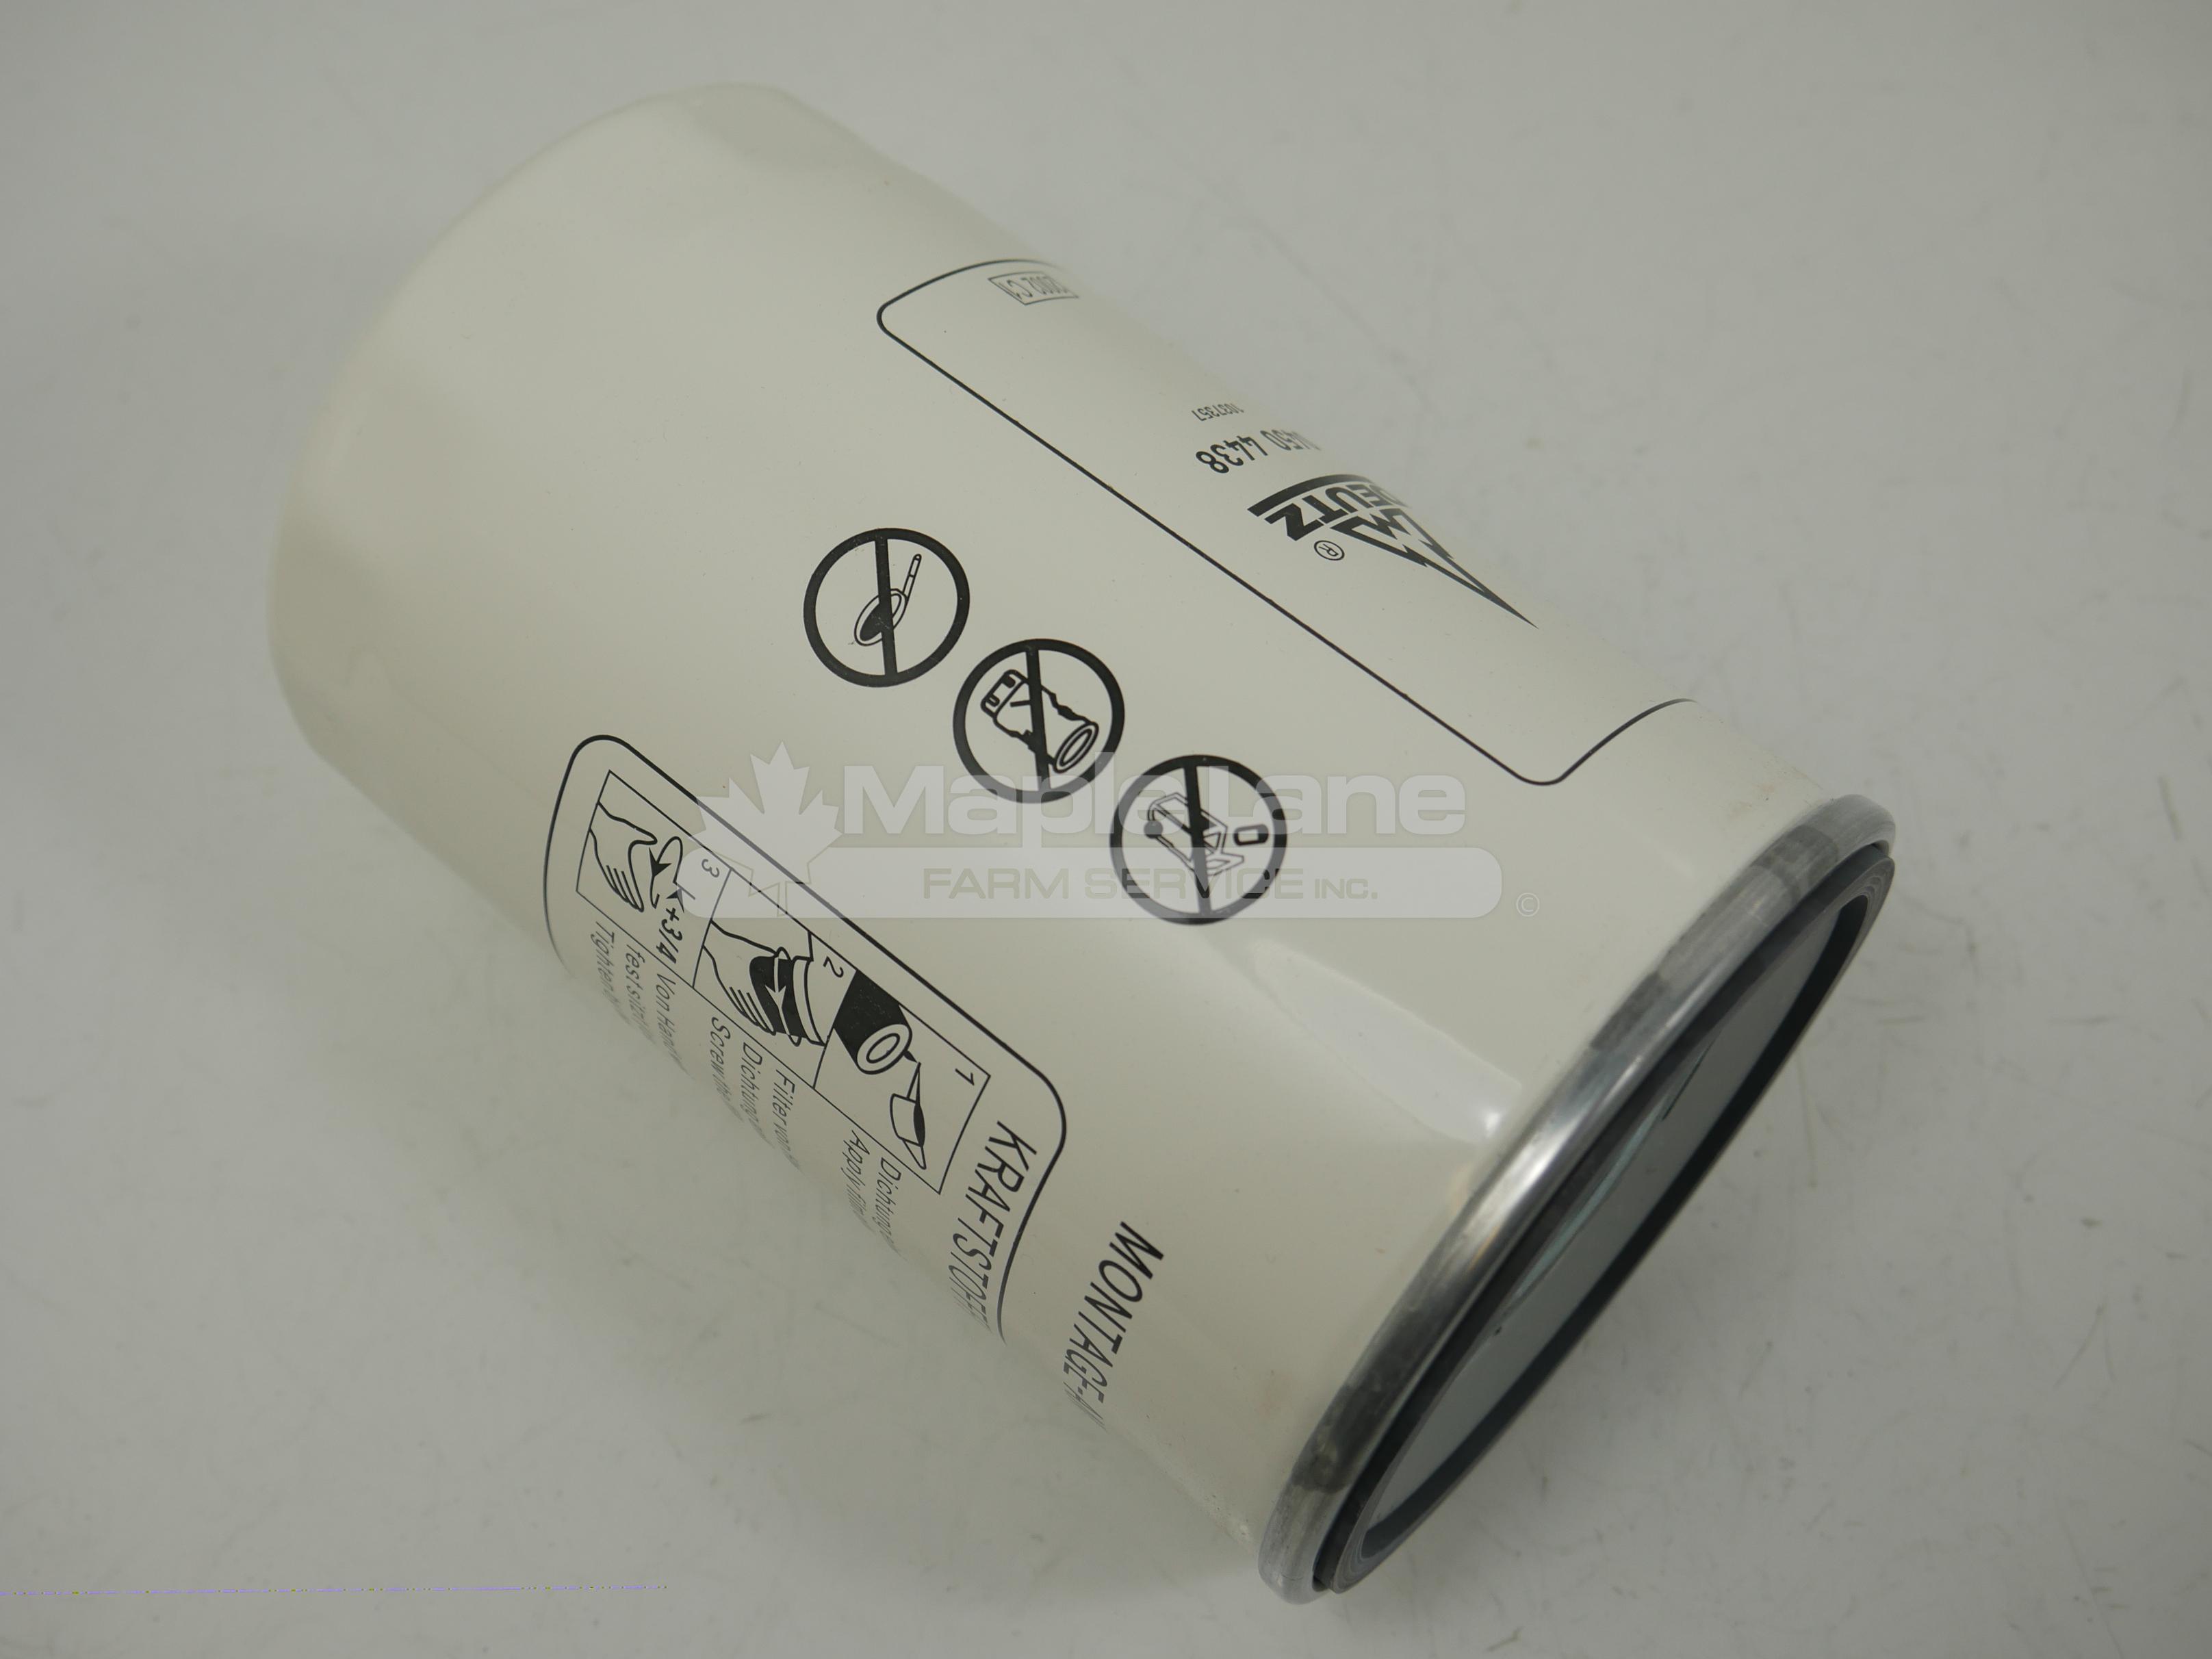 J958155 Fuel Filter